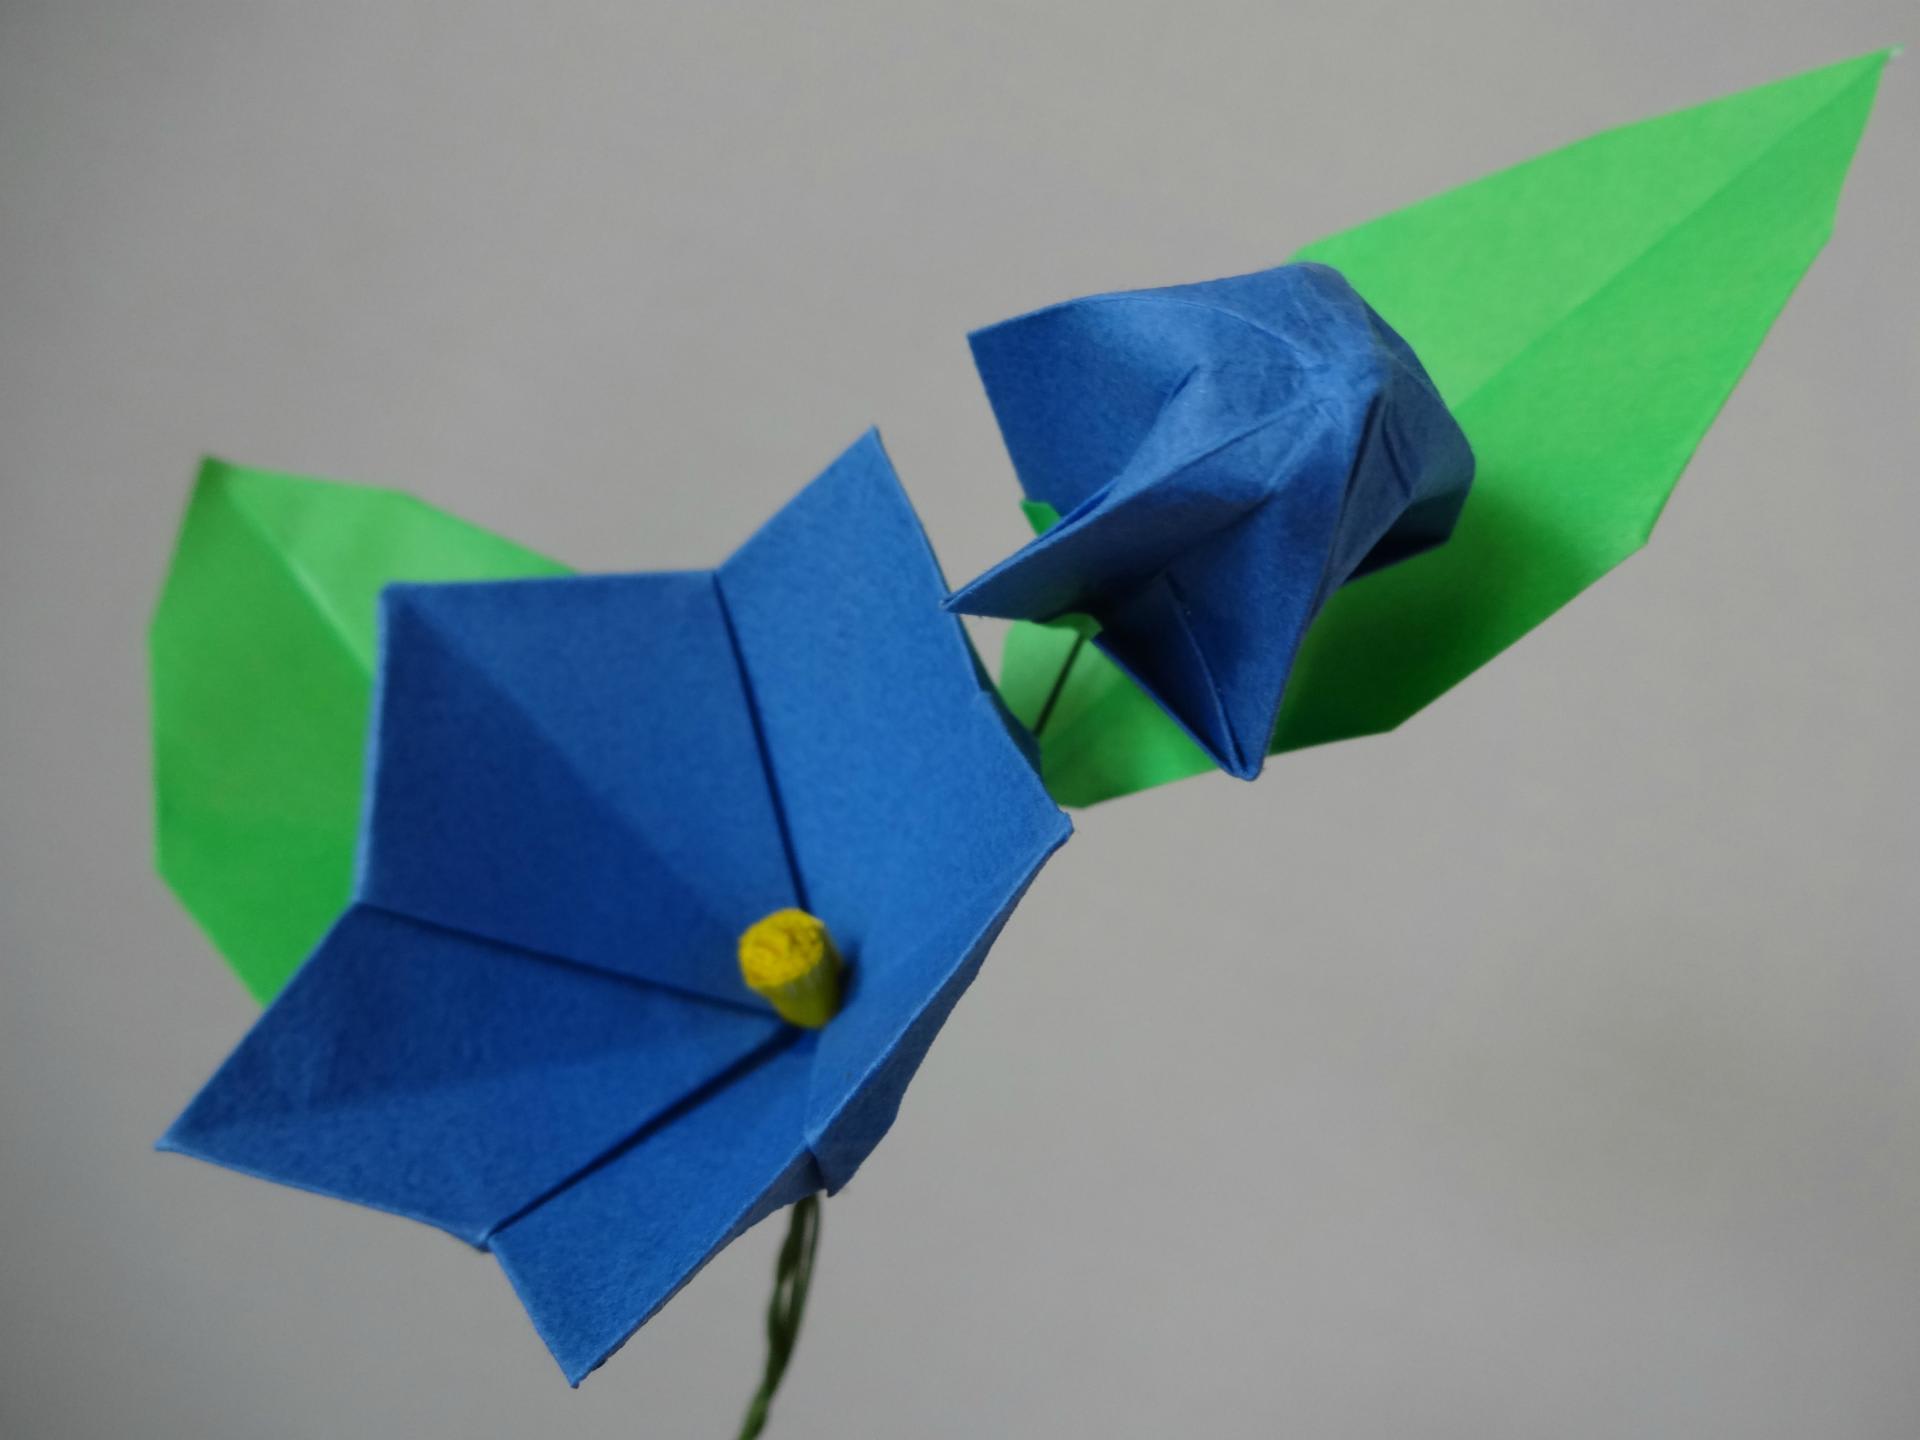 折り紙 5月の折り紙 : いろいろあって、写真のような ...